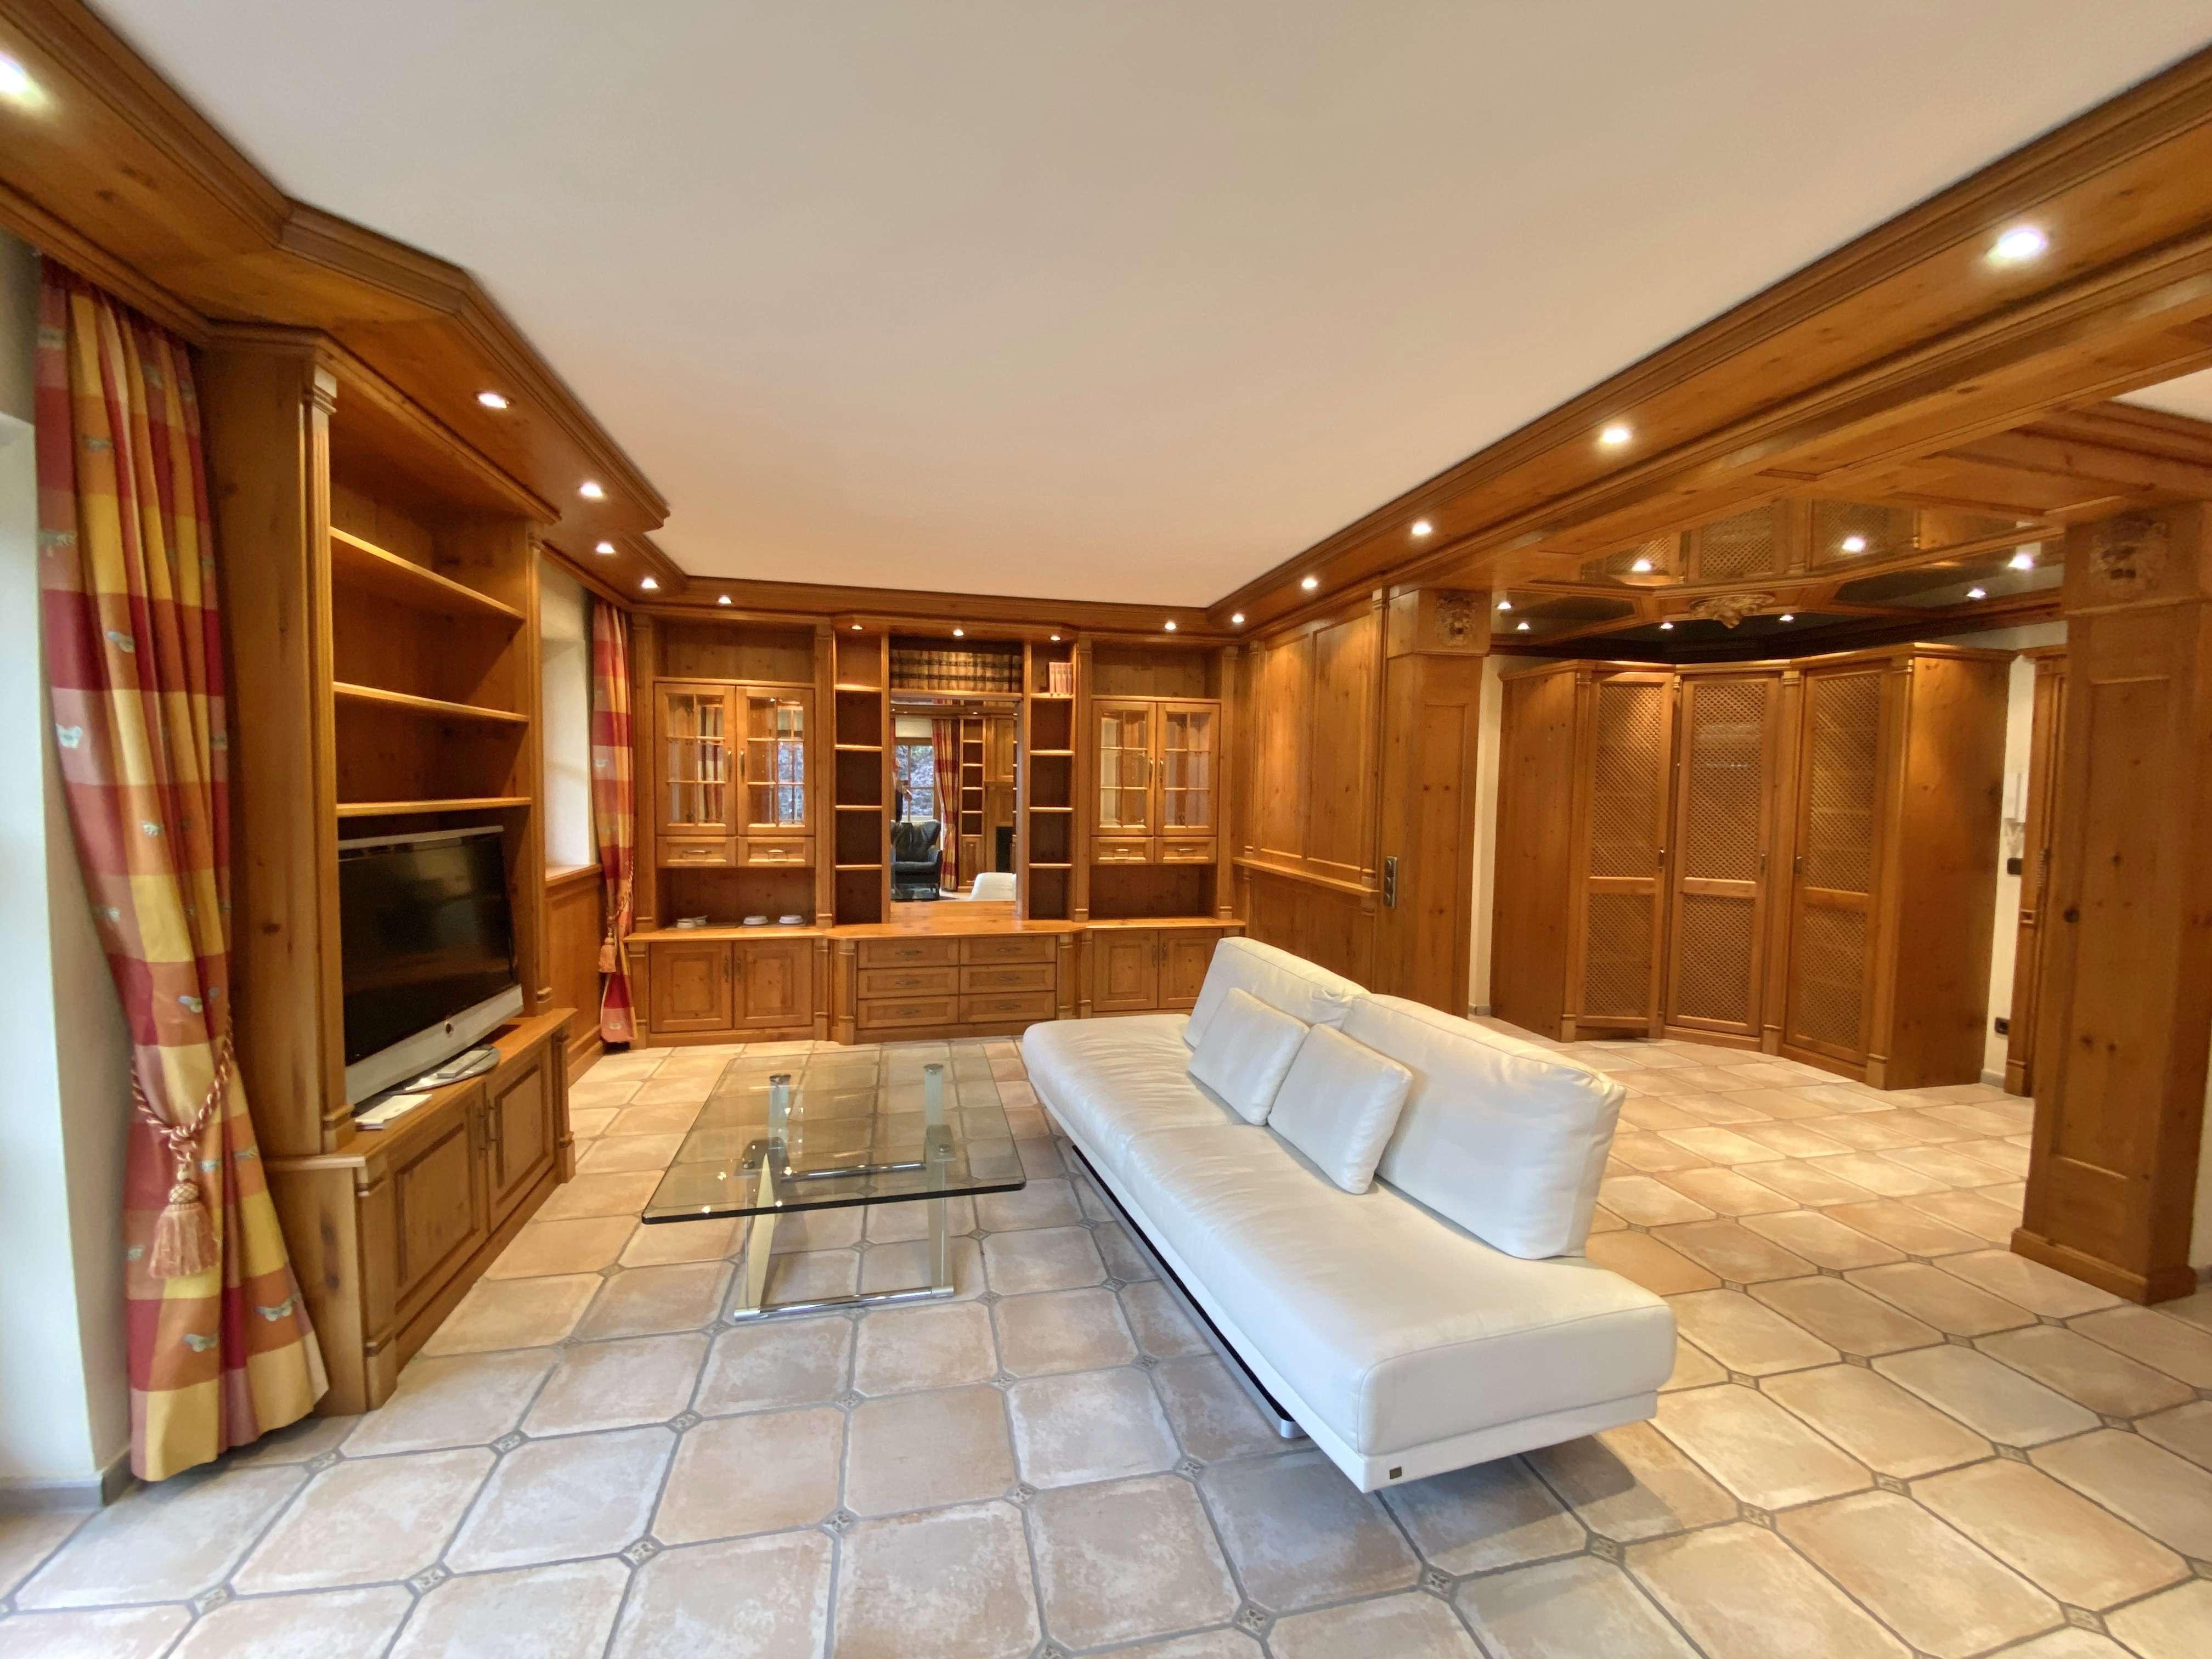 Stilvoll und repräsentativ Wohnen - 5 Sterne Luxus - Wohnung in beschaulicher Ortsrandlage in